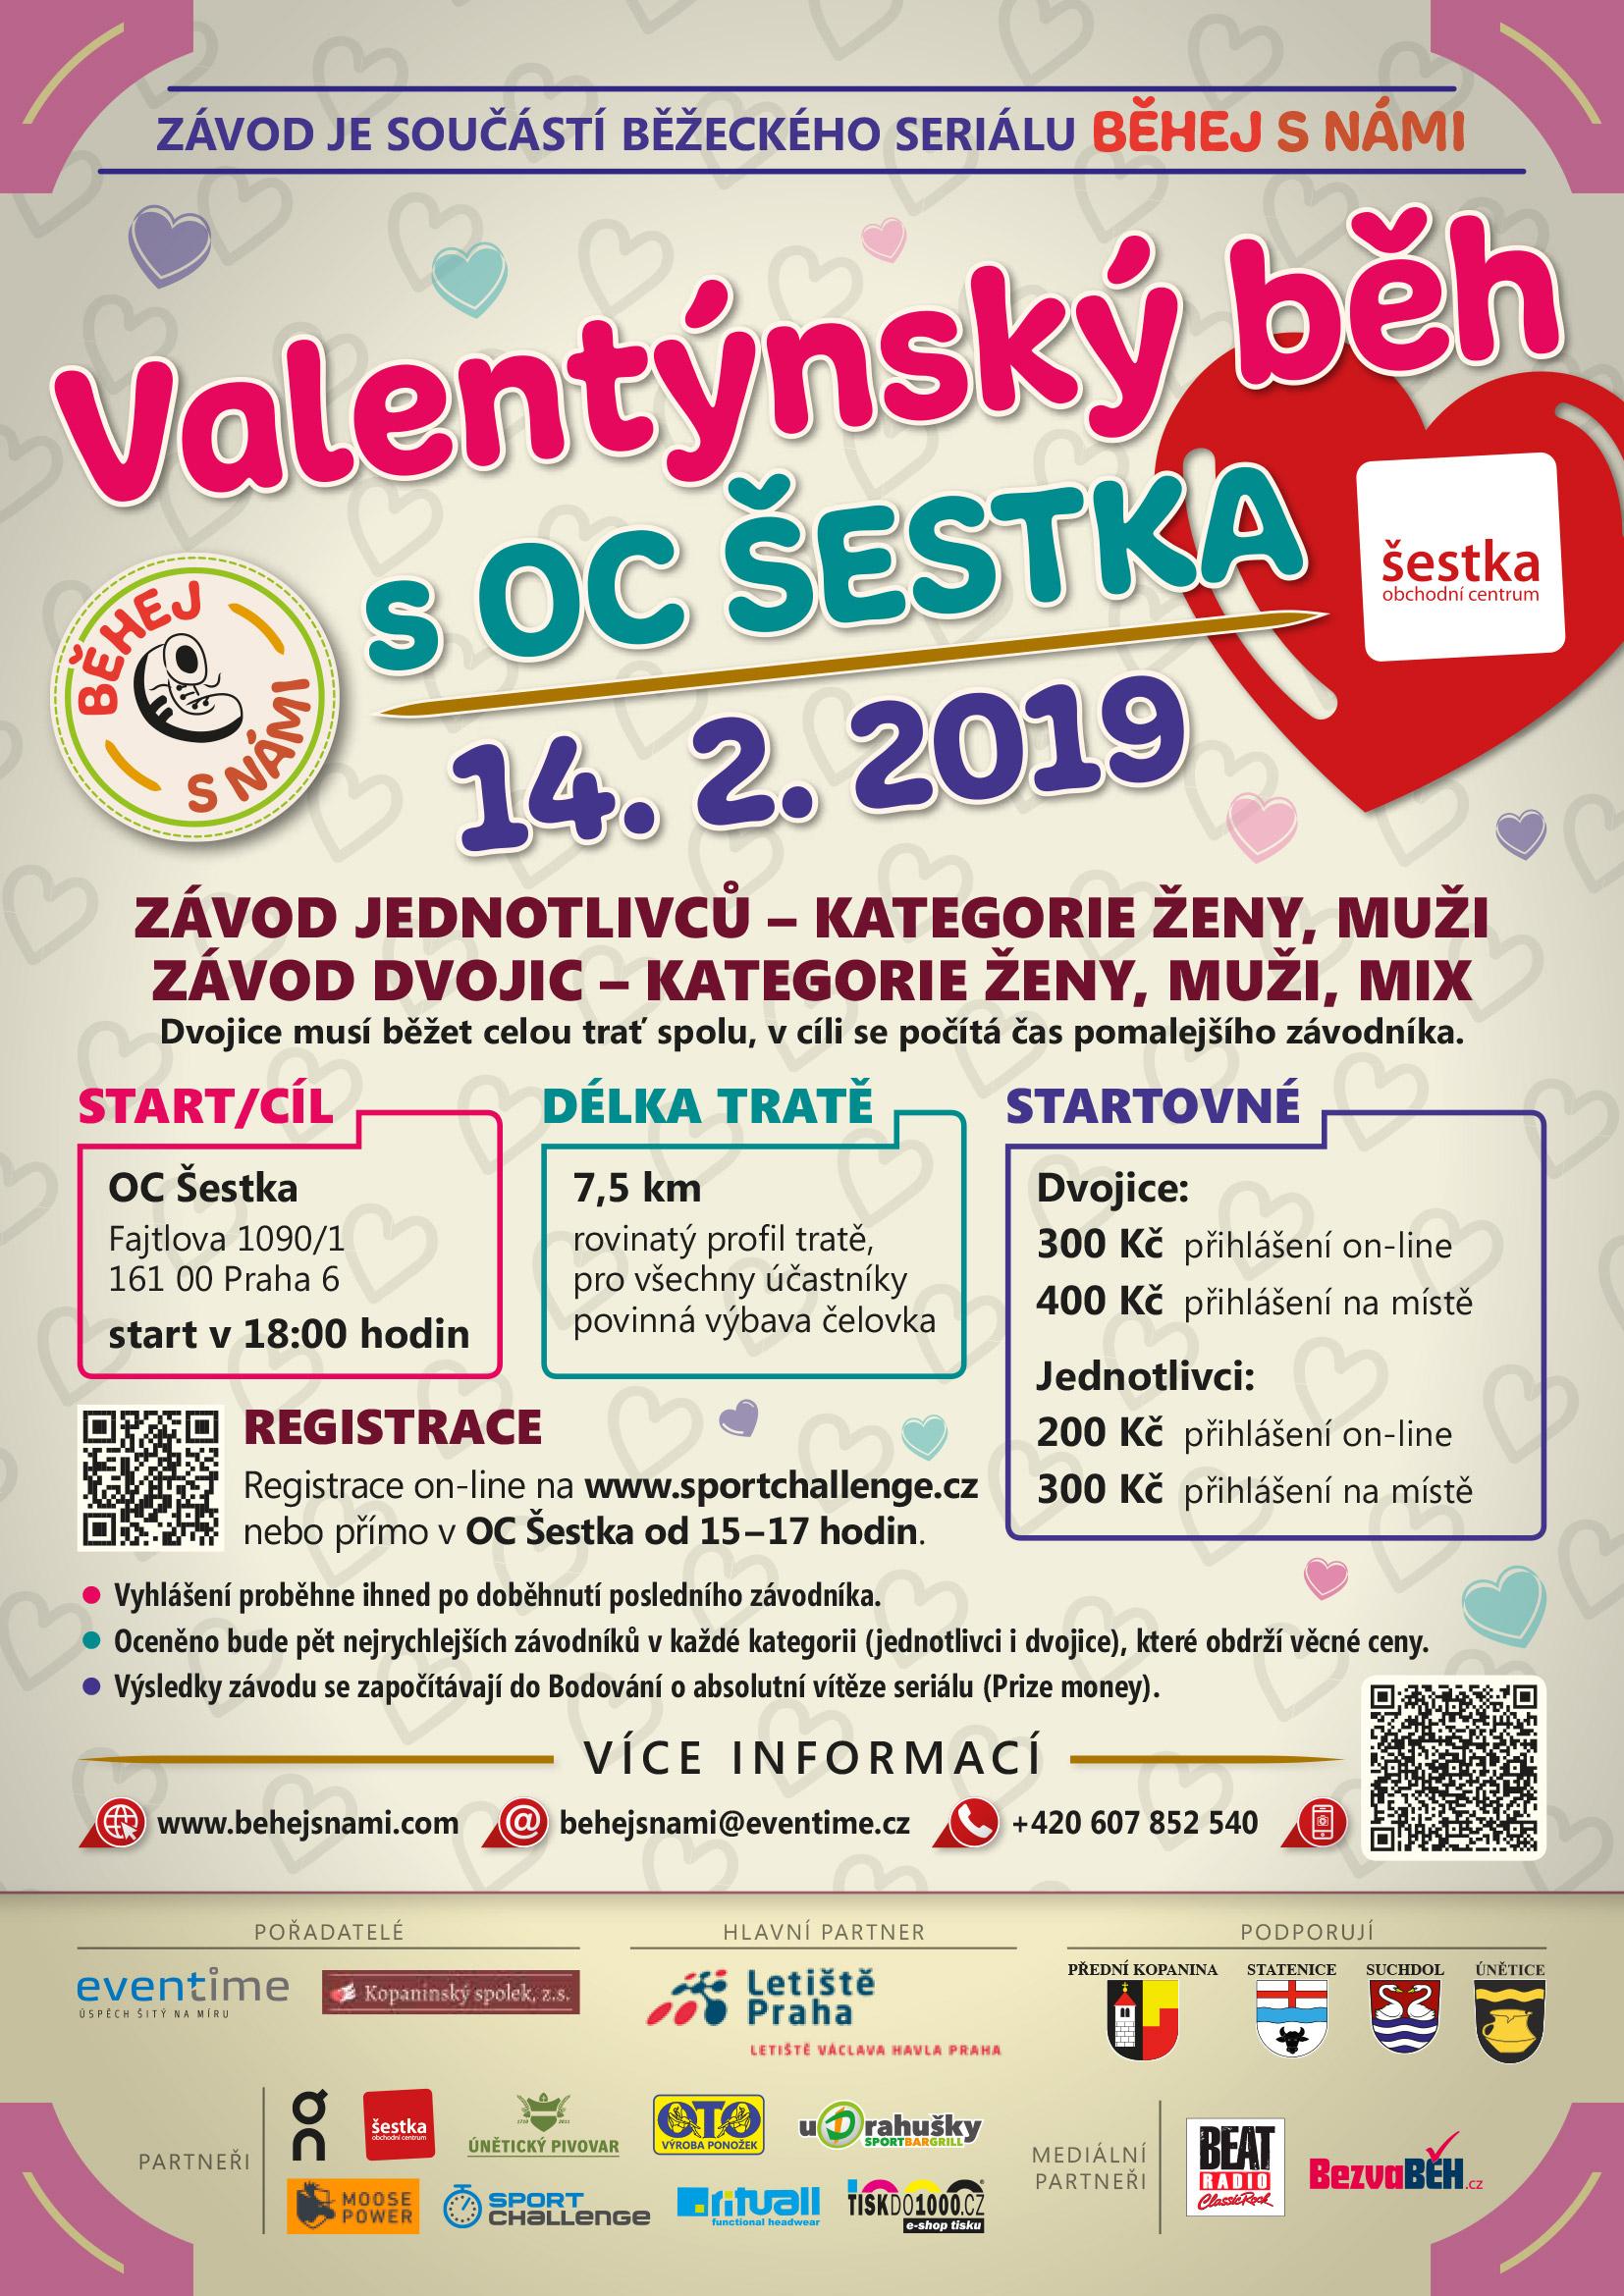 Valentýnský běh s OC Šestka